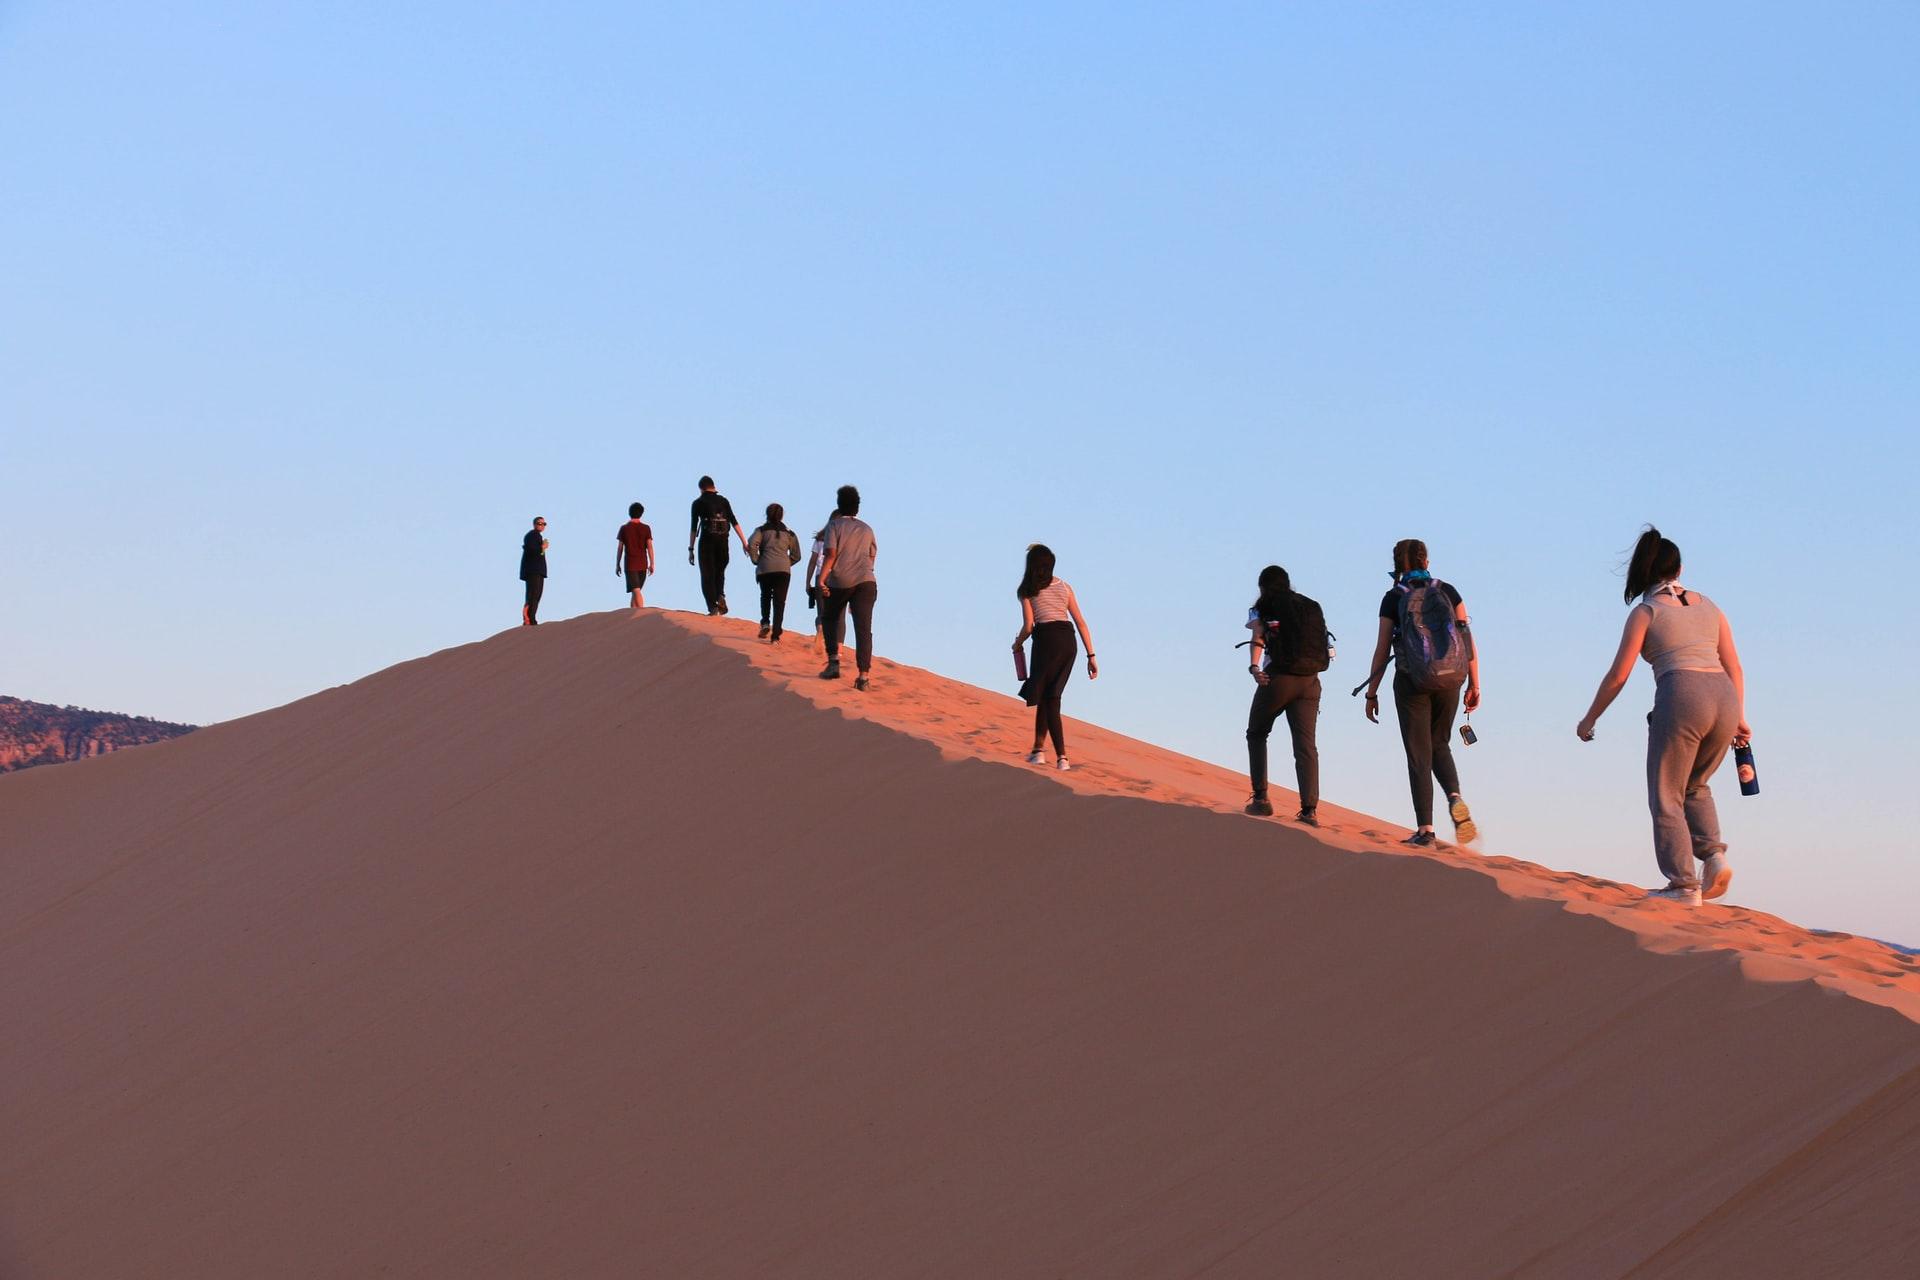 tourist on desert